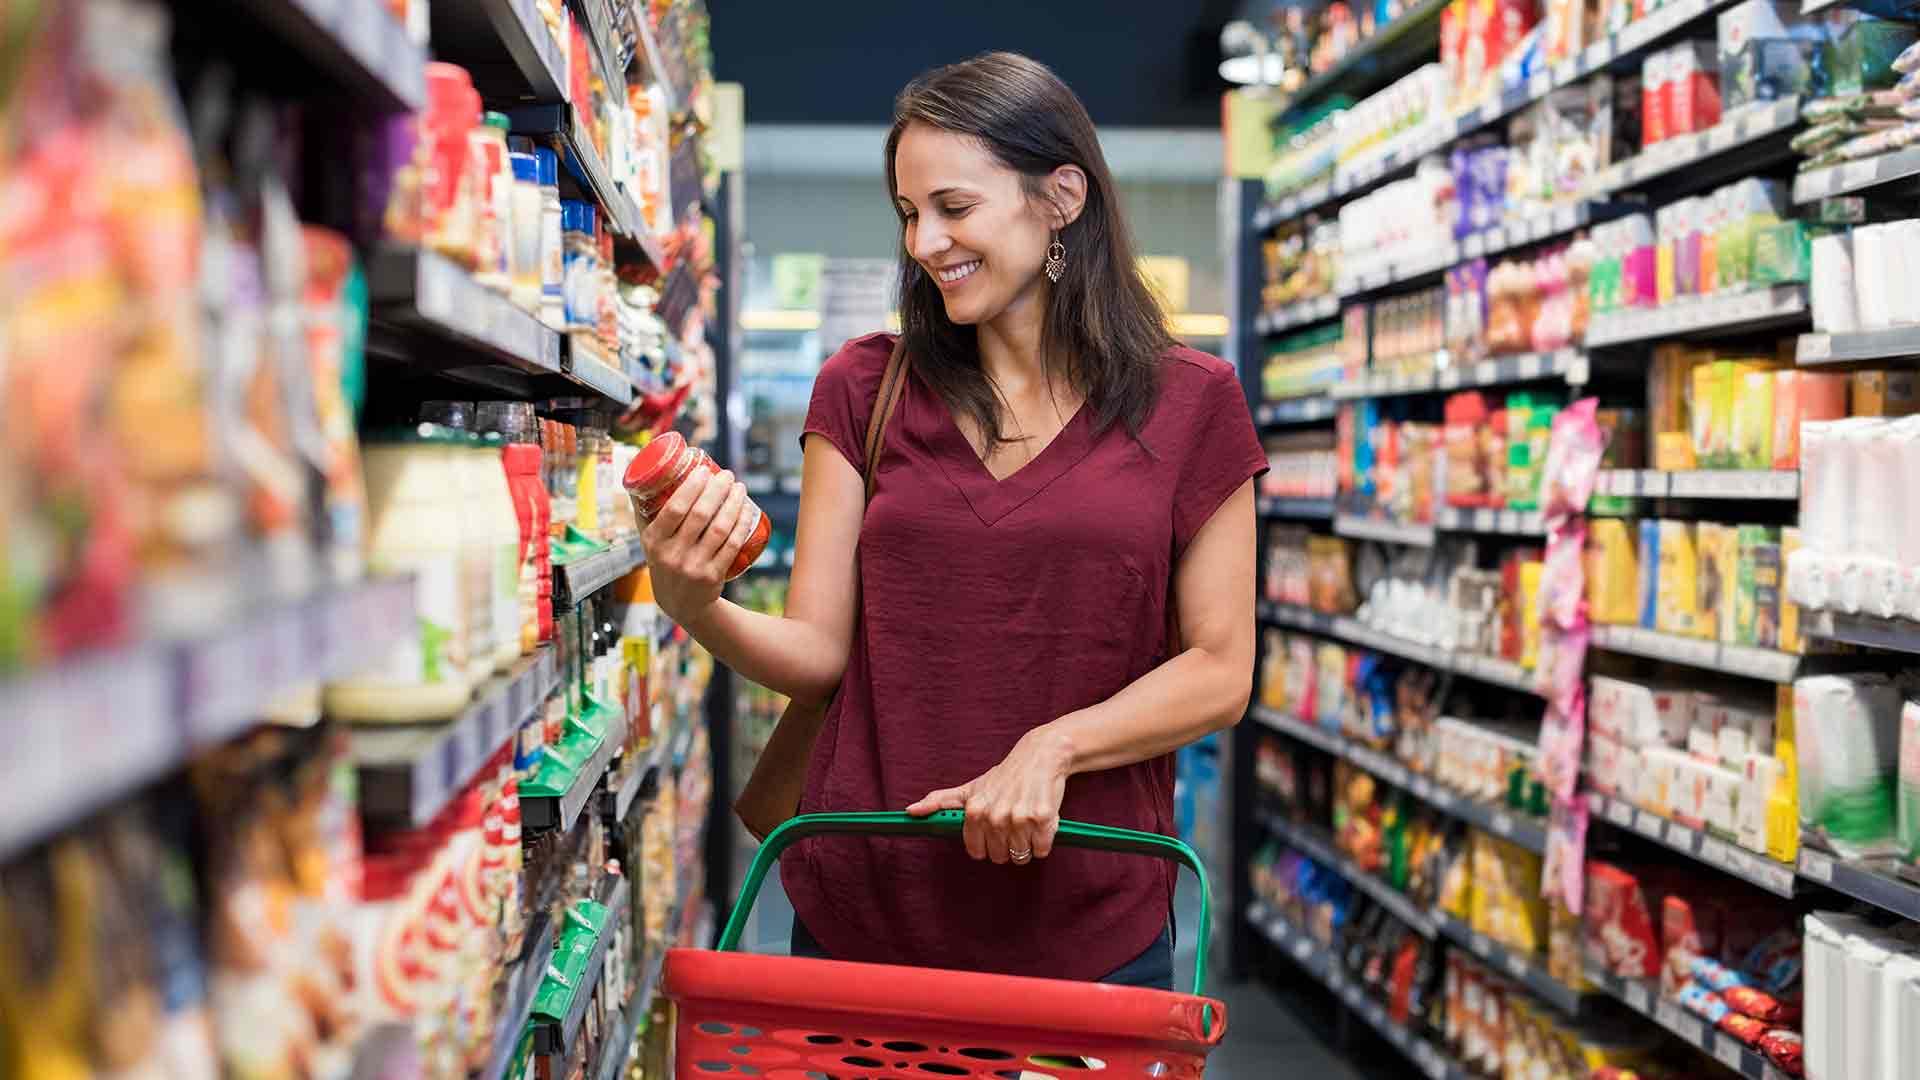 passo a passo para precificar produtos no supermercado da forma correta